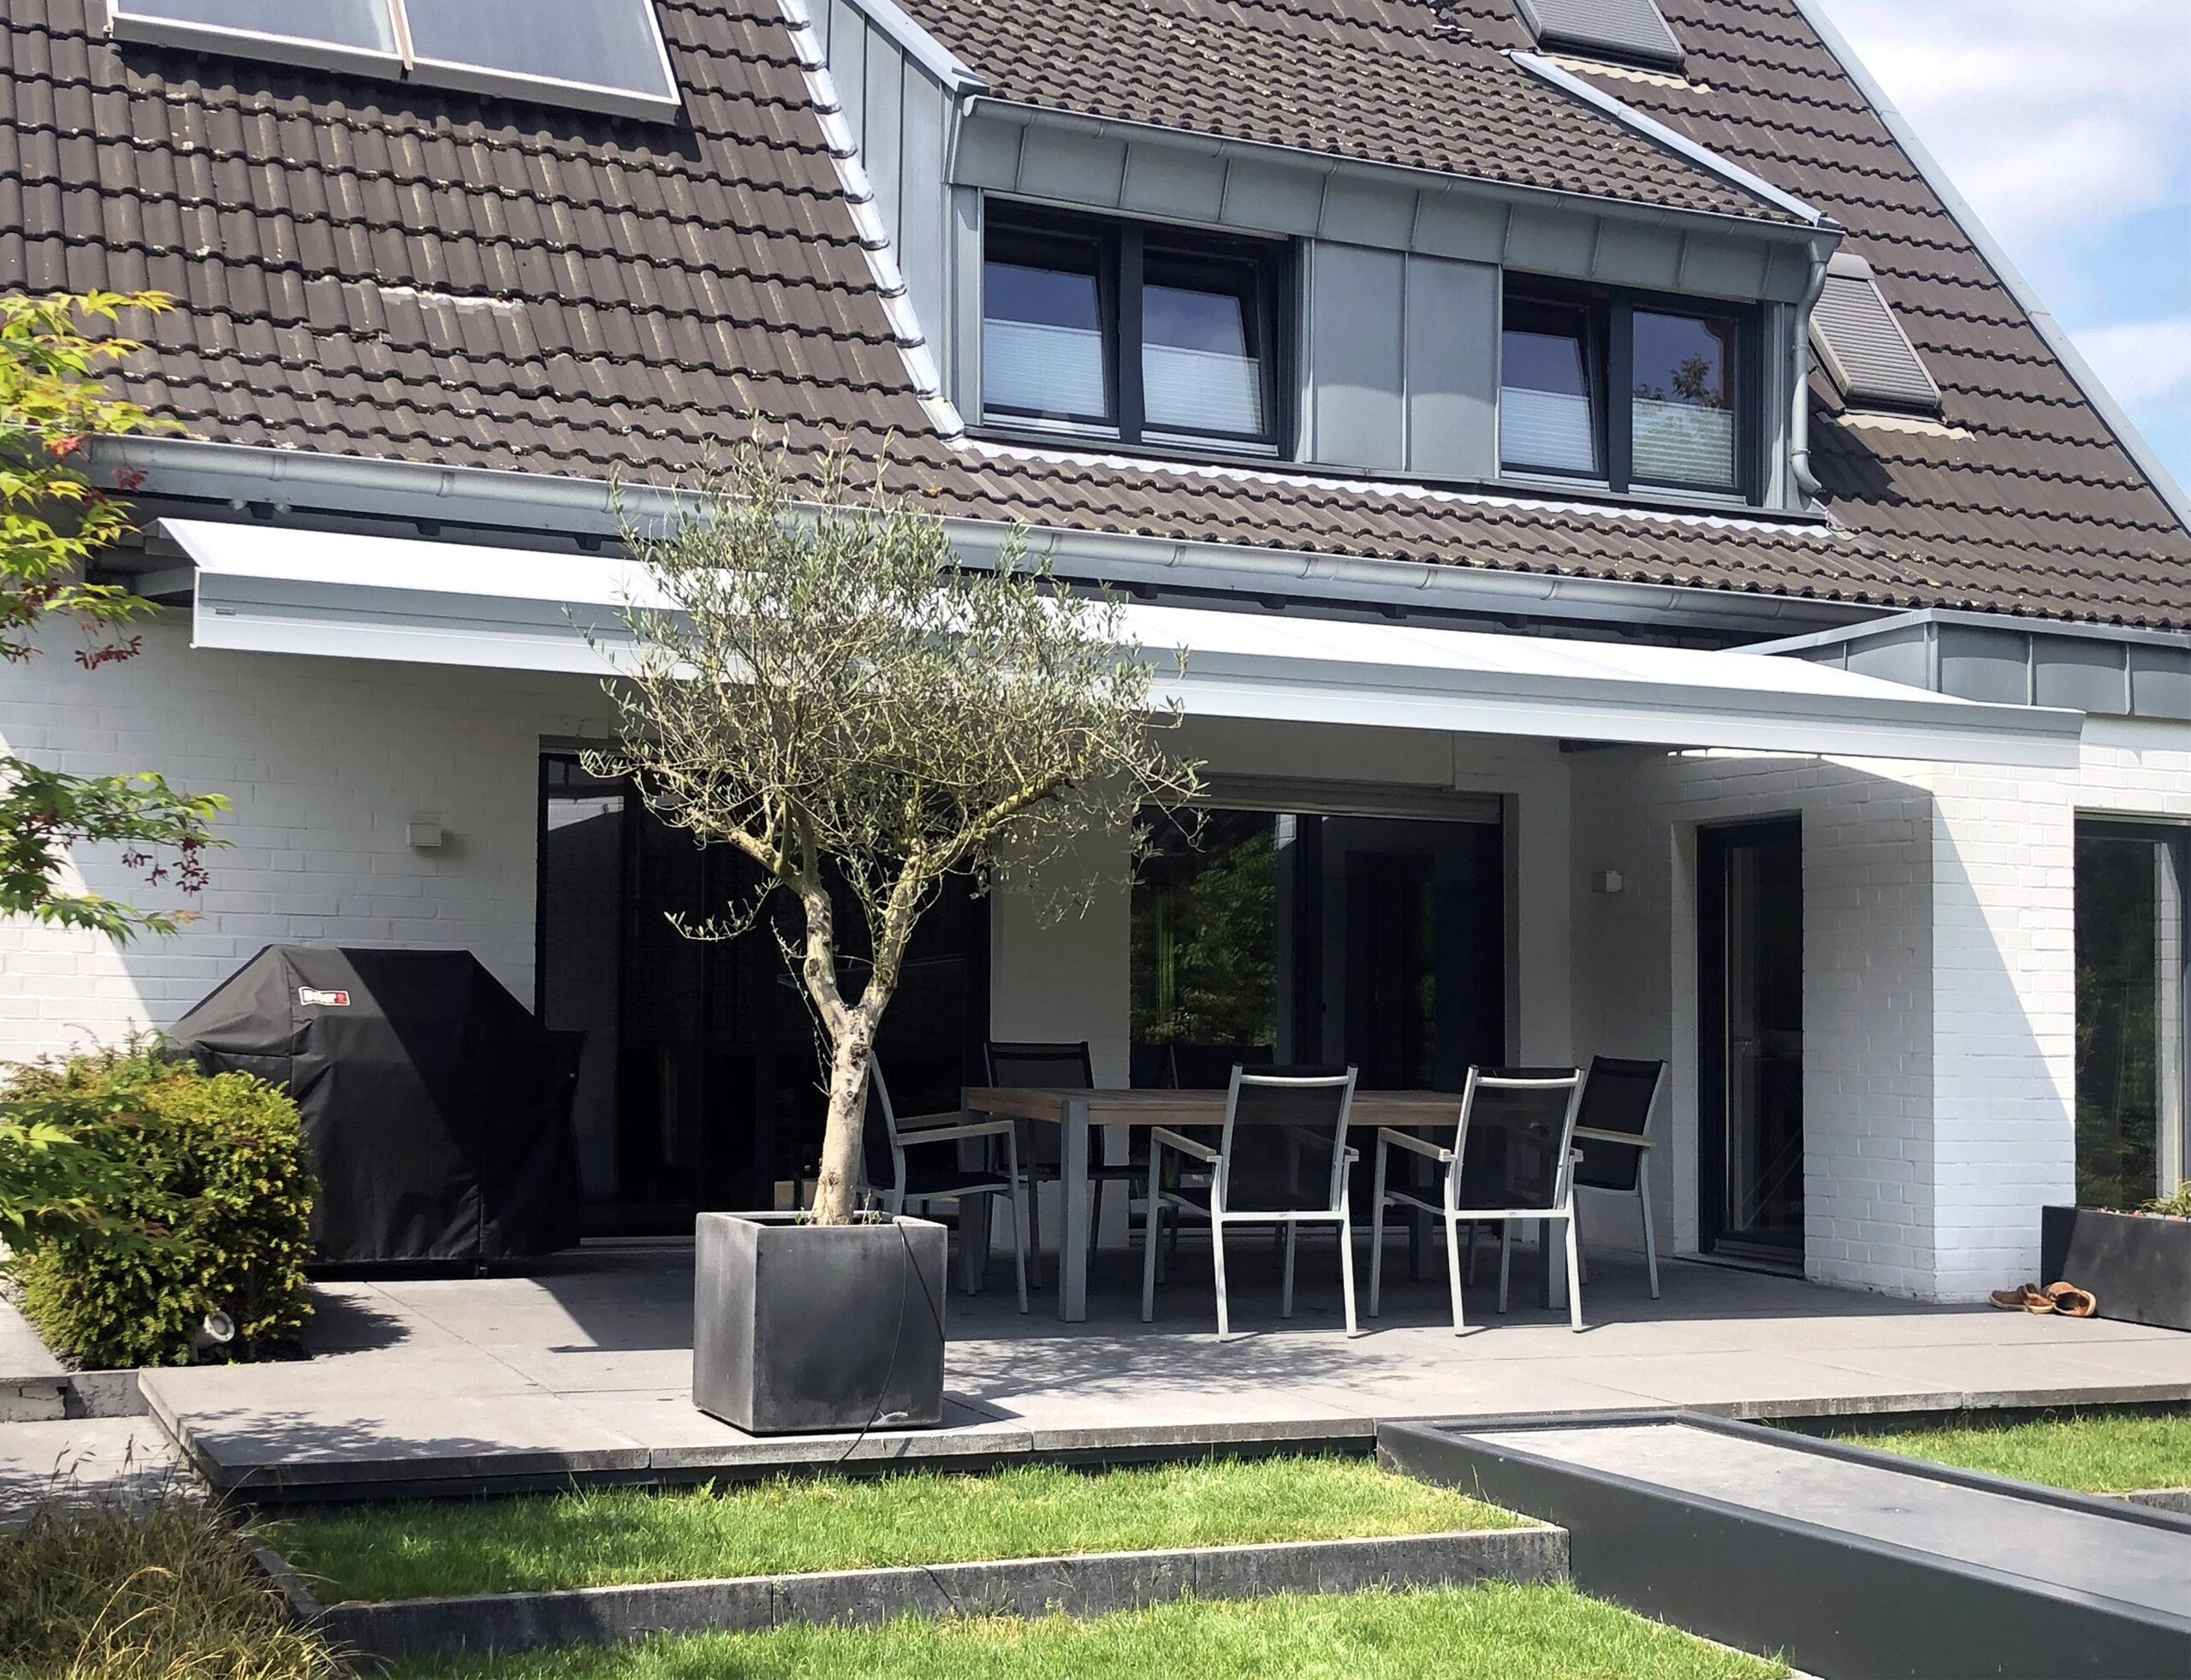 Stimmungsaufnahme Leiner Markise Casa Sr | BWE, Unterschleißheim